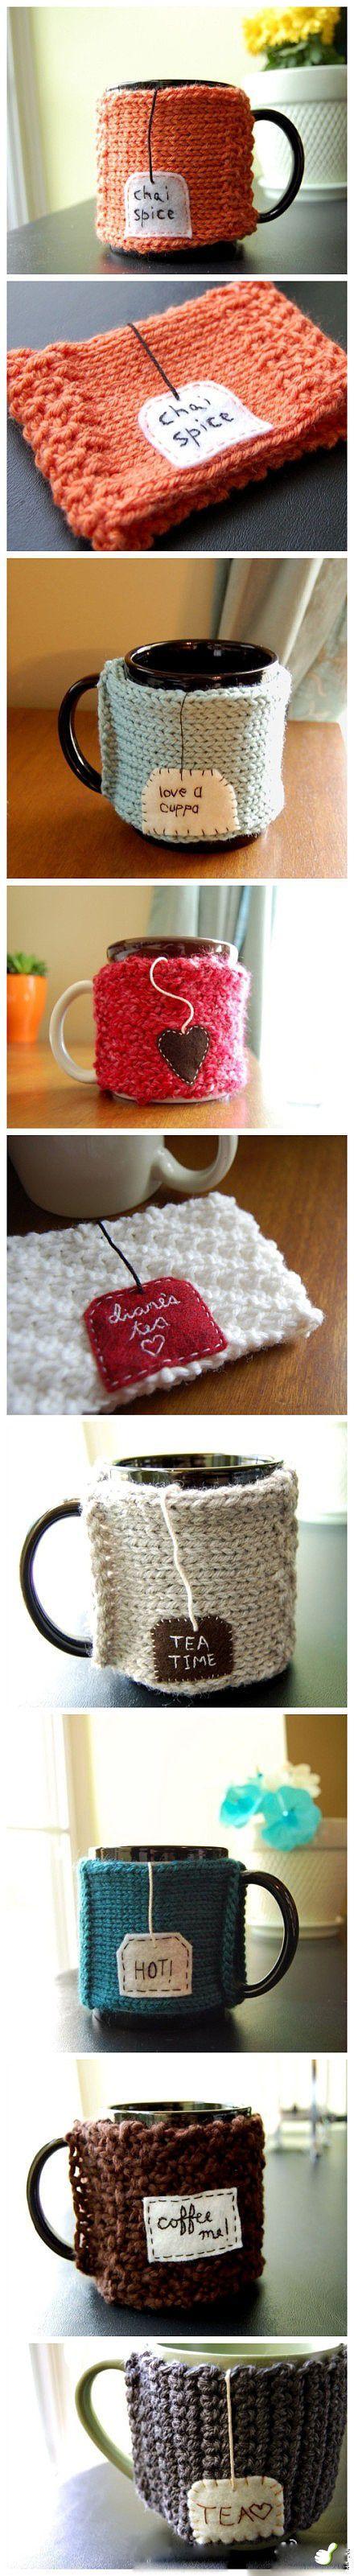 Aquecedores de chávena de chá